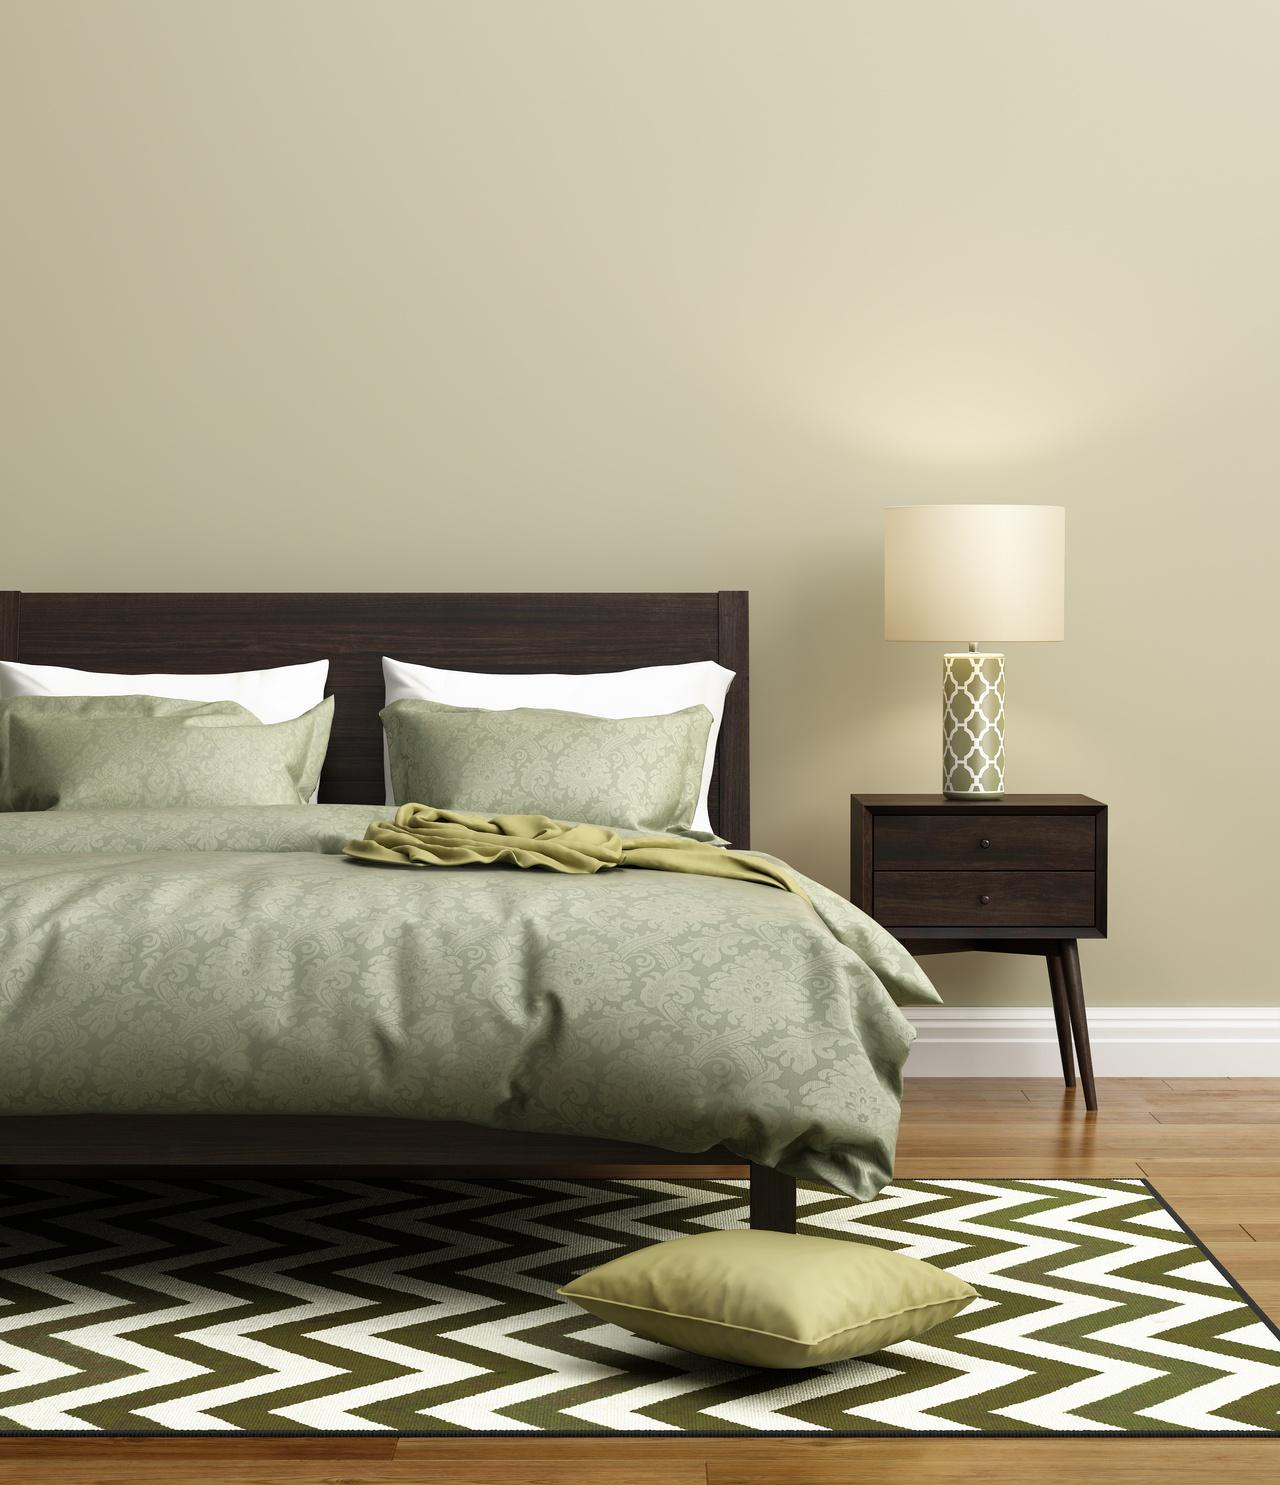 kalkputz naturputz f r ein gutes raumklima innenputz luftfeuchte malermeister norbert gebauer. Black Bedroom Furniture Sets. Home Design Ideas